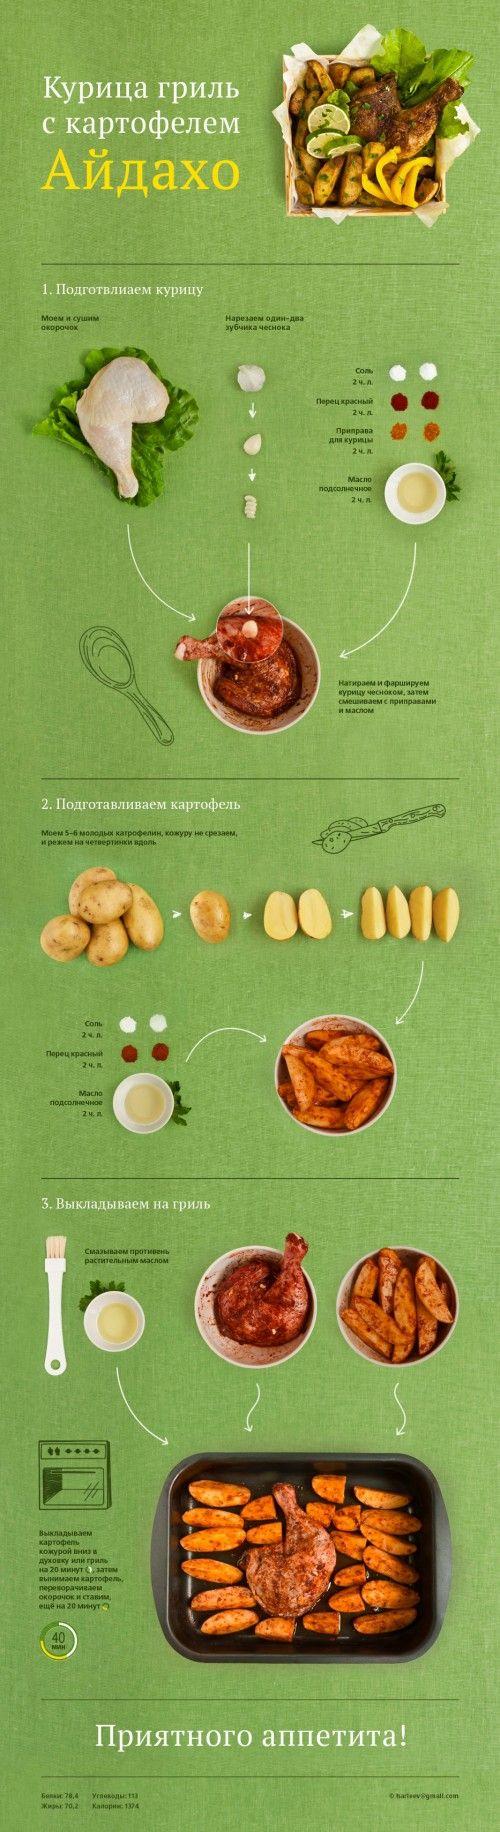 Рецепт в инфографике